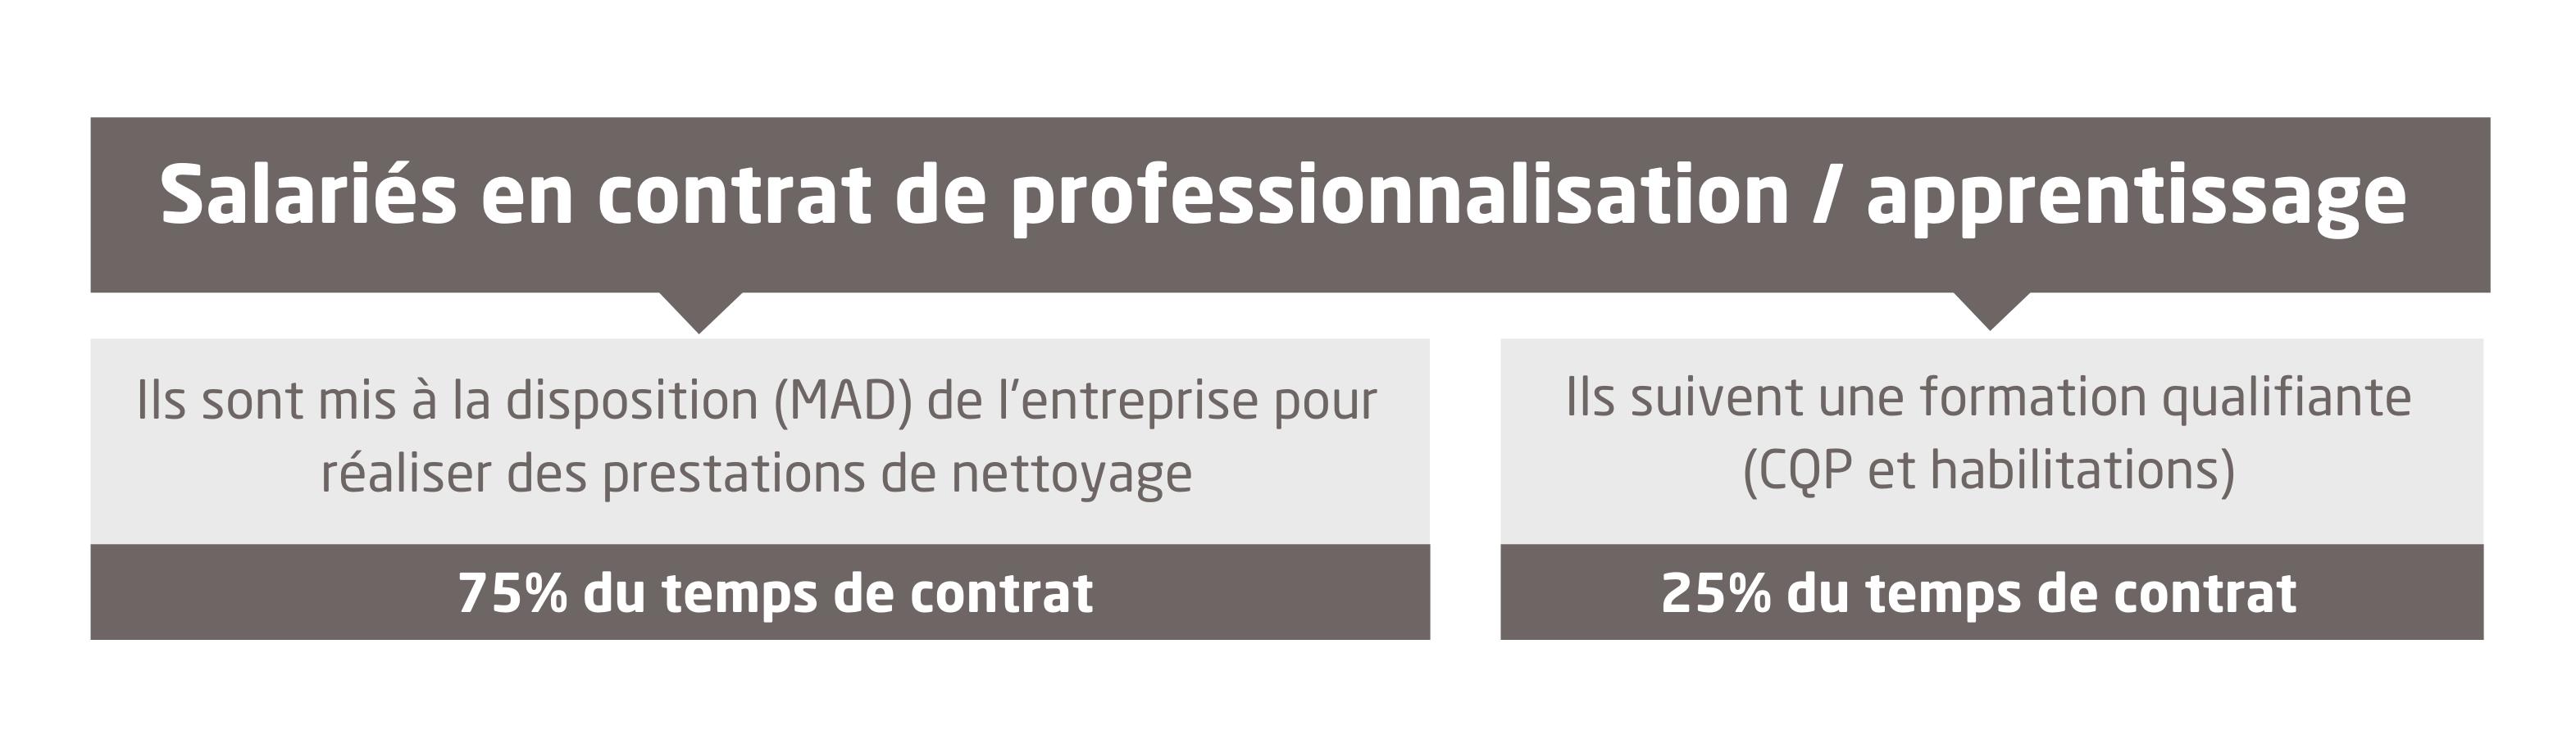 Salariés en contrats